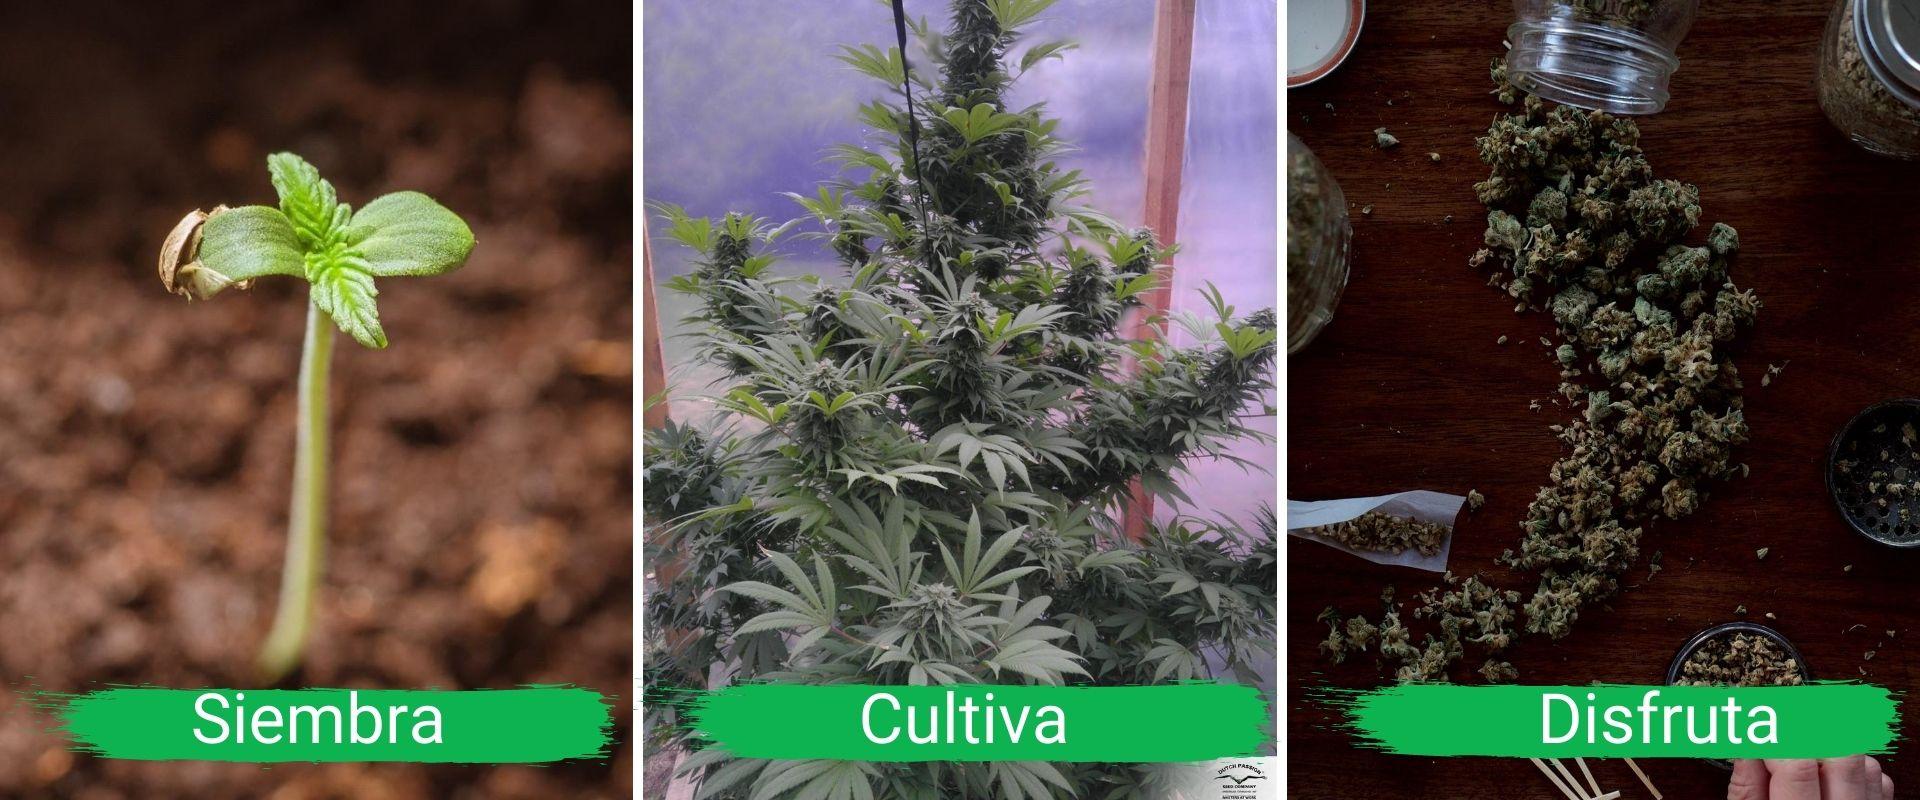 Acompañamiento virtual: Una forma rápida, efectiva y divertida de iniciar tu autocultivo de cannabis